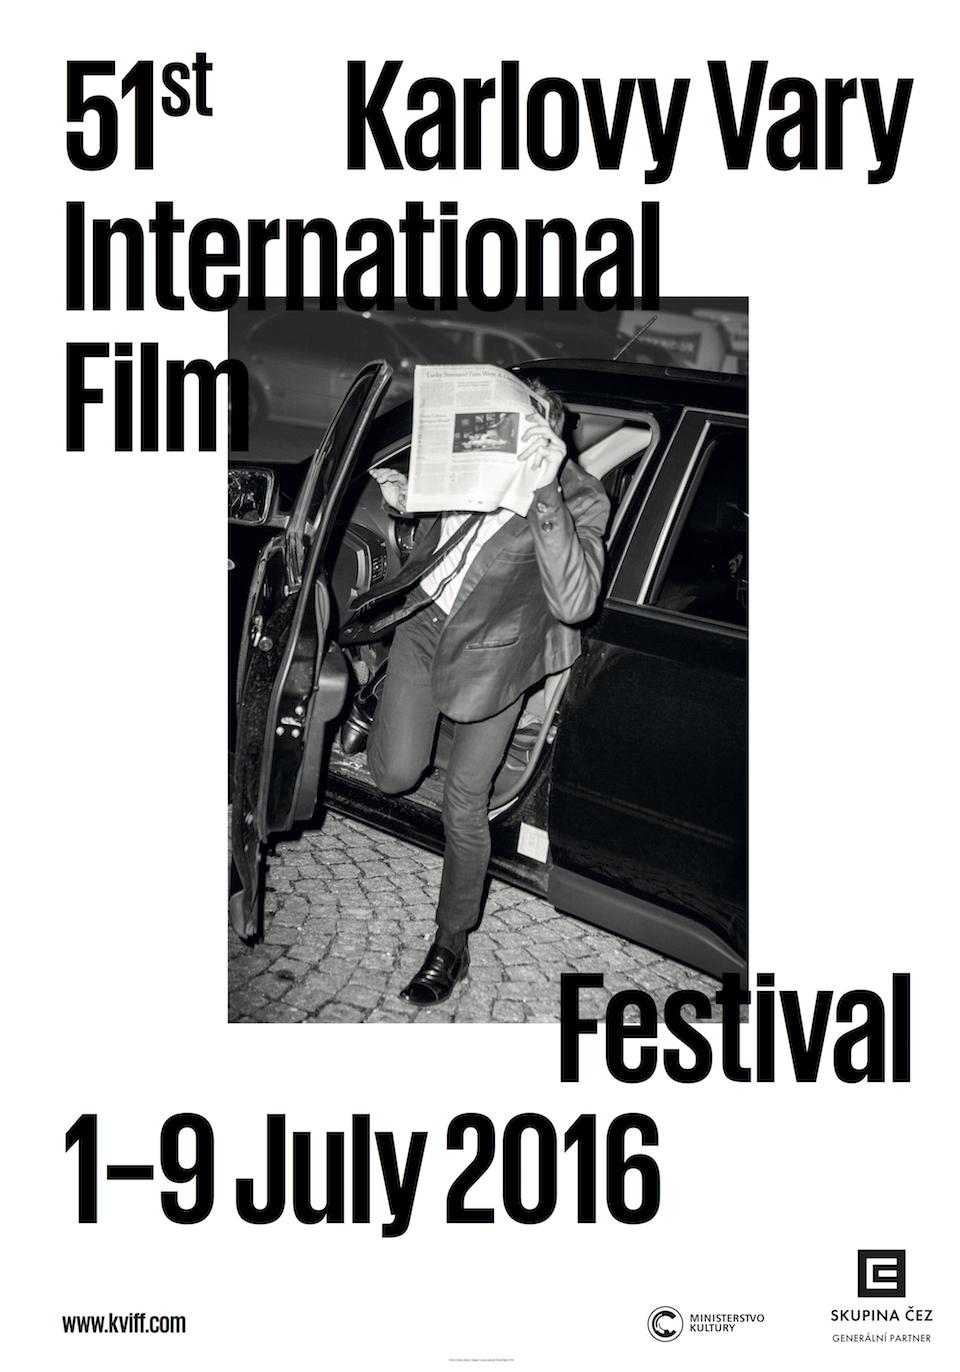 Jeden z plakátů k 51. ročníku festivalu ve Varech